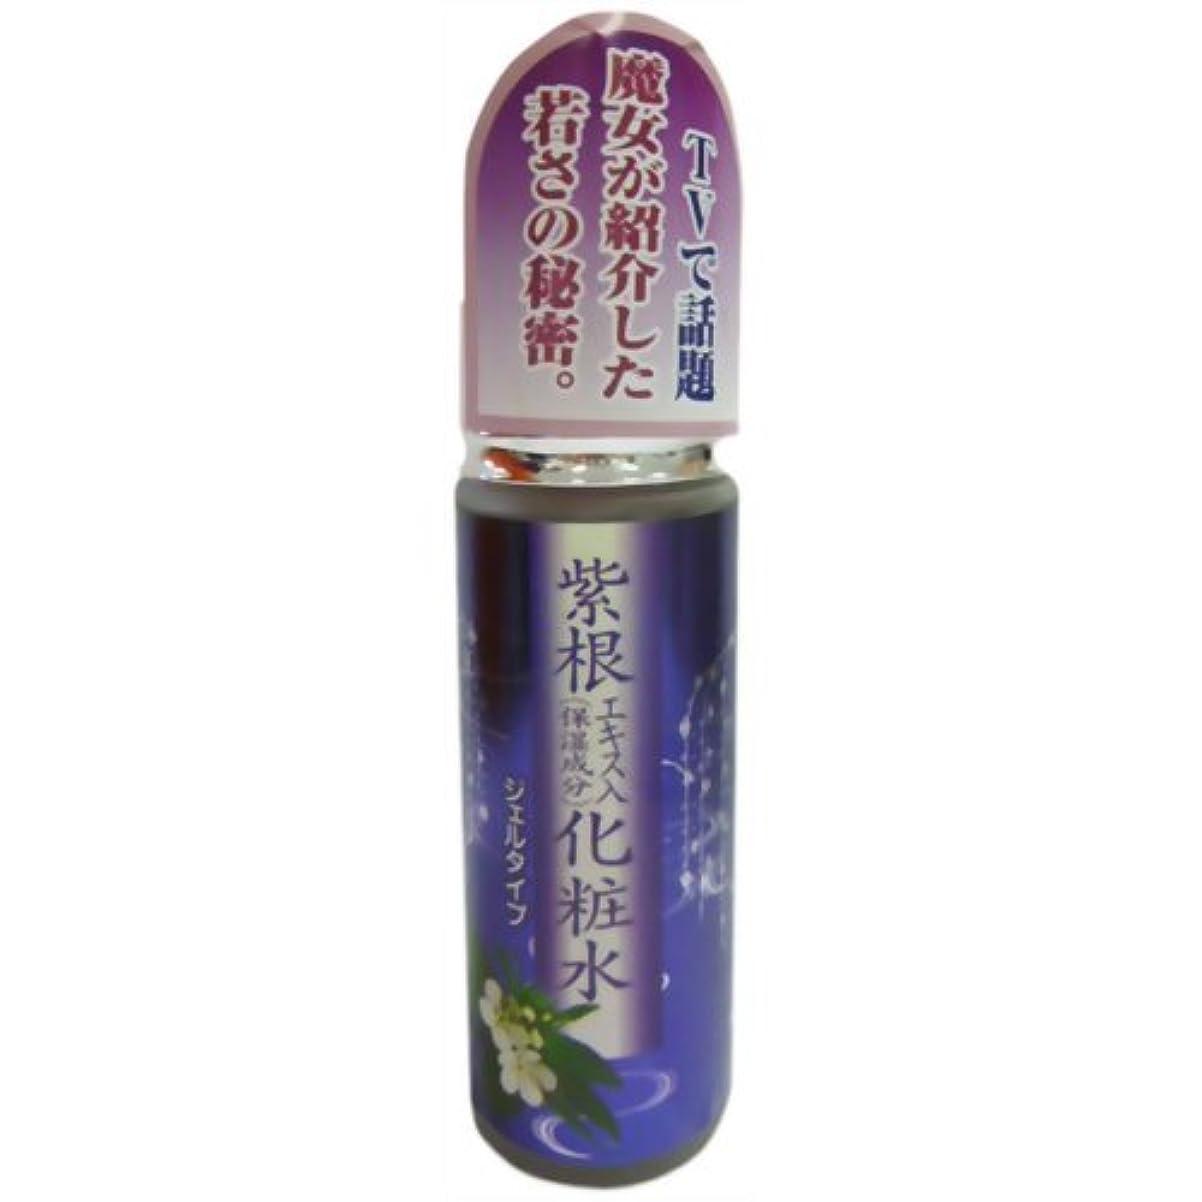 噛む興奮フルート紫根ジェルローション 120ml